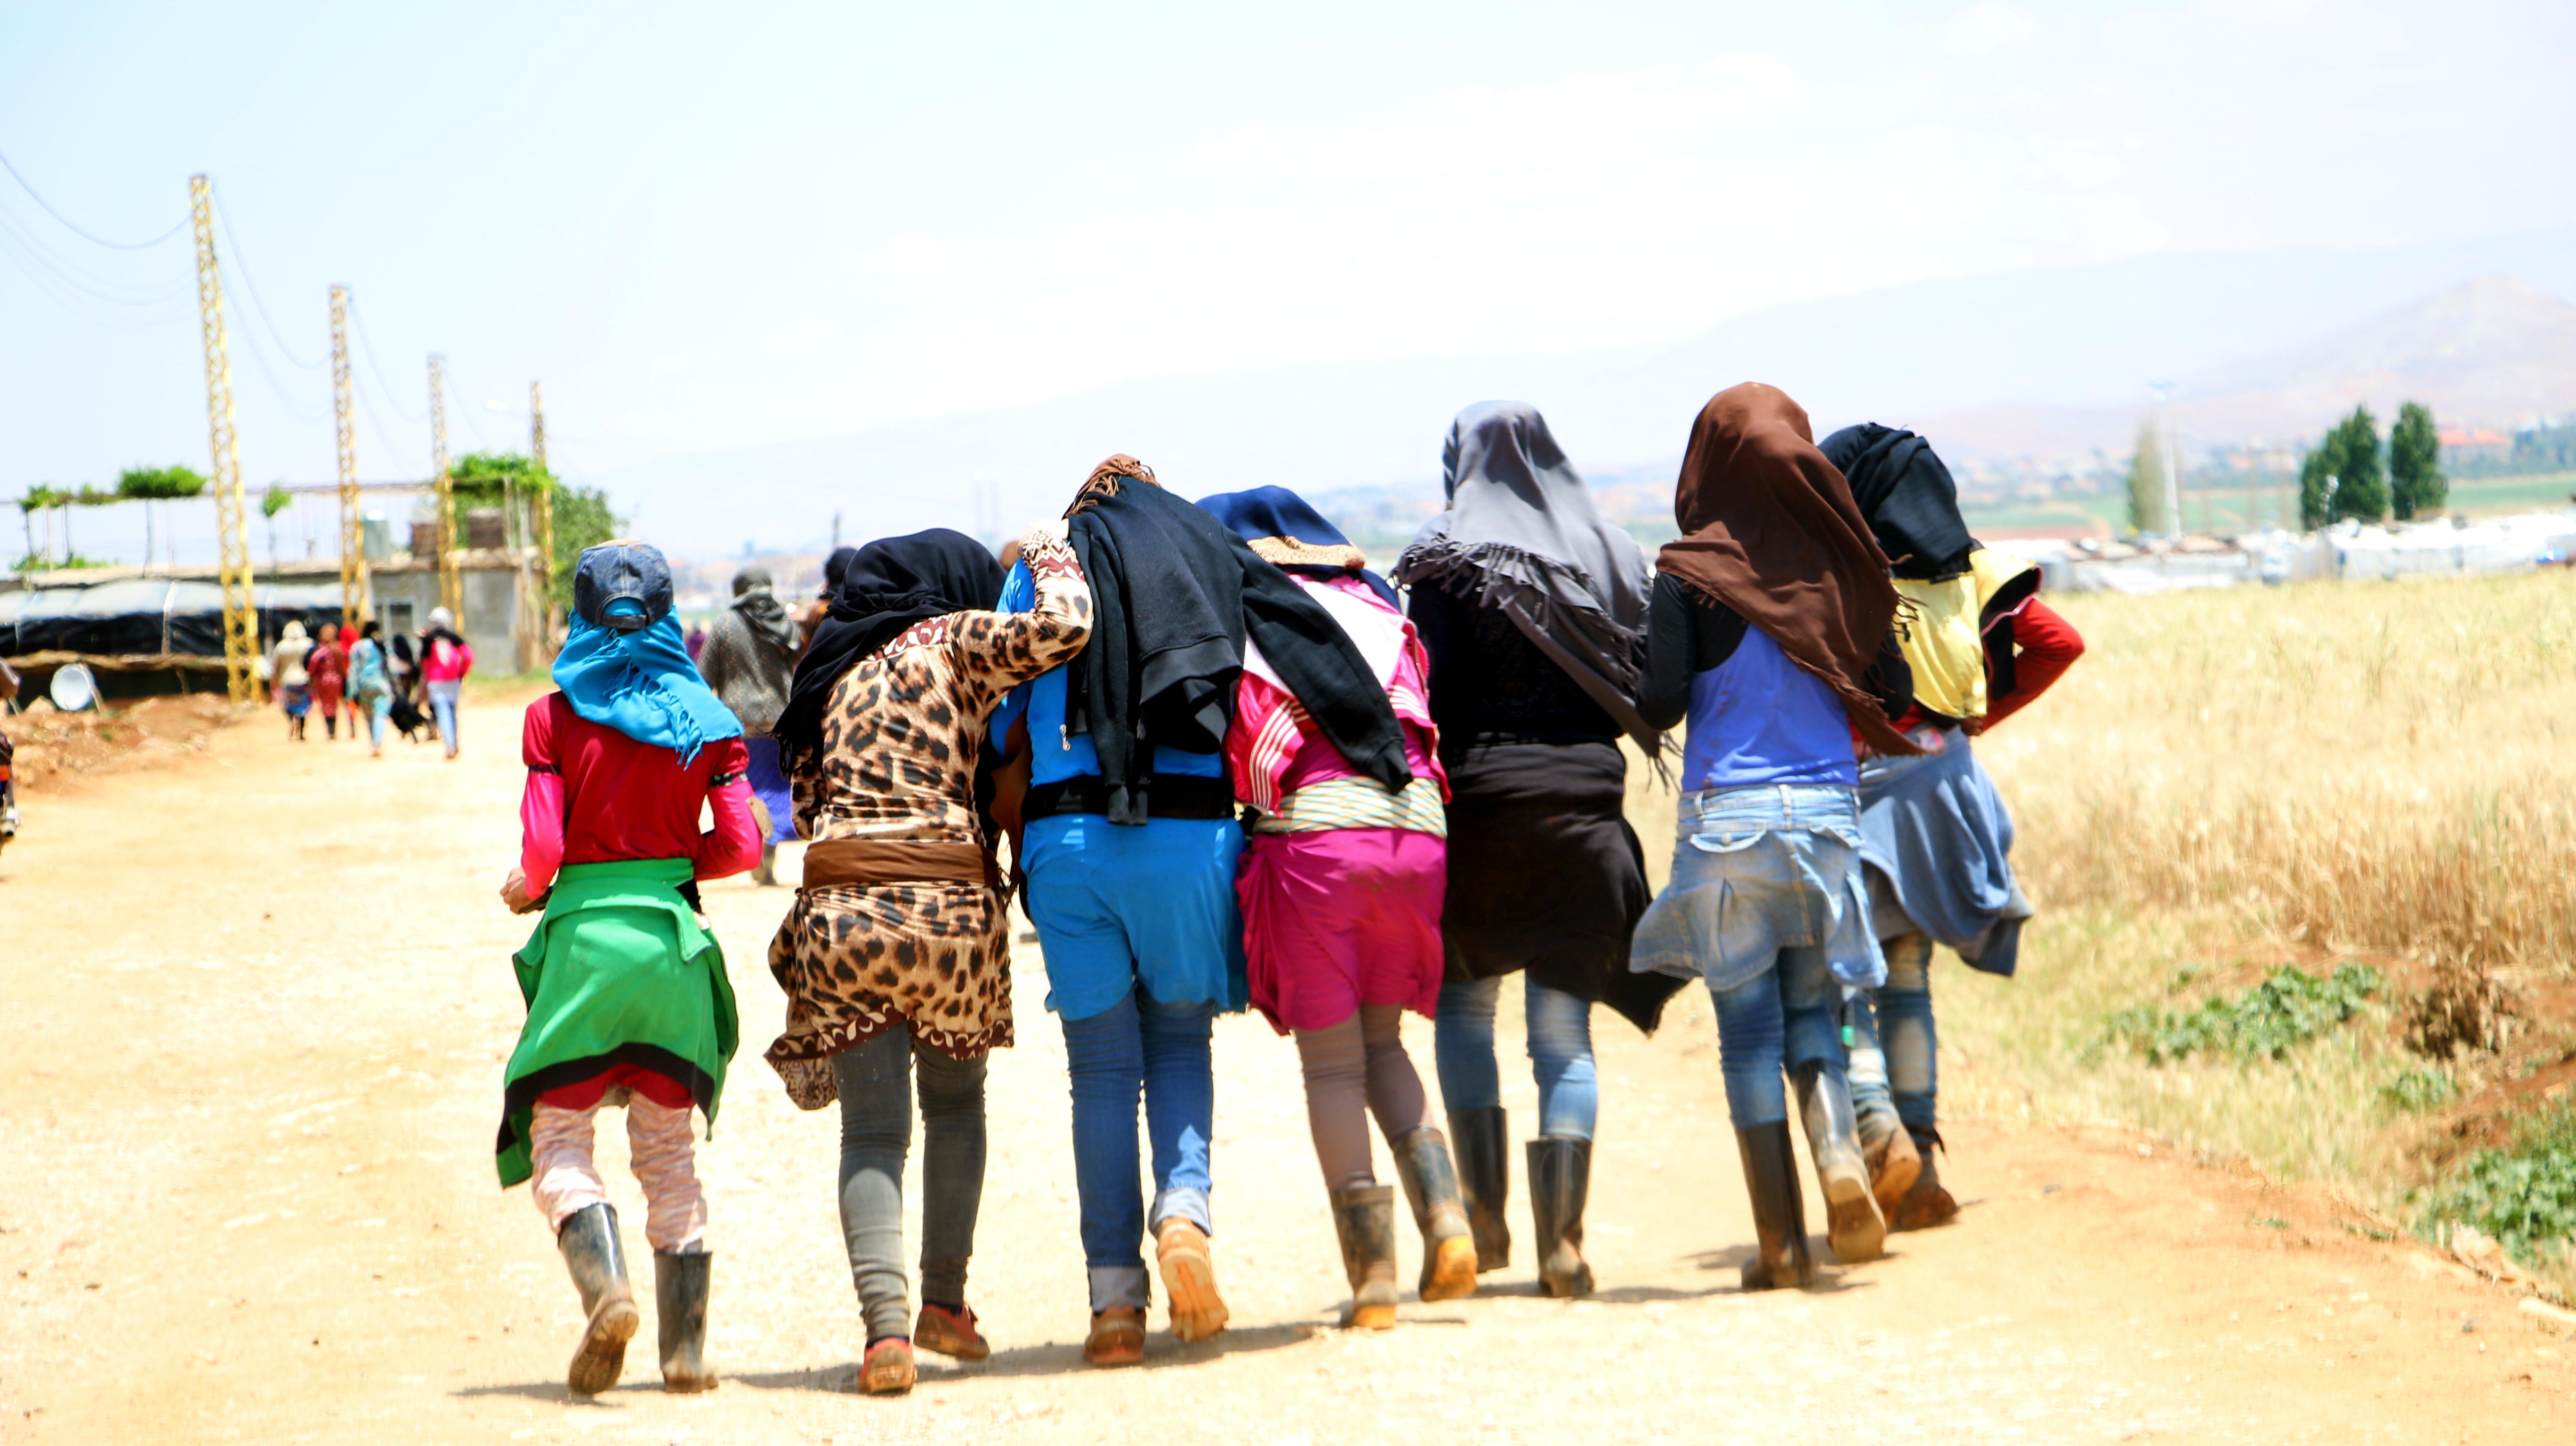 Några Syriska kvinnor promenerar till flyktinglägret där de bor i Libanon, efter en dags arbete. Flyktinglägret ingår i ett projekt för fackförbund, mänskliga rättigheter och offentliga tjänster av god kvalitet för migranter och flyktingar i MENA-regionen